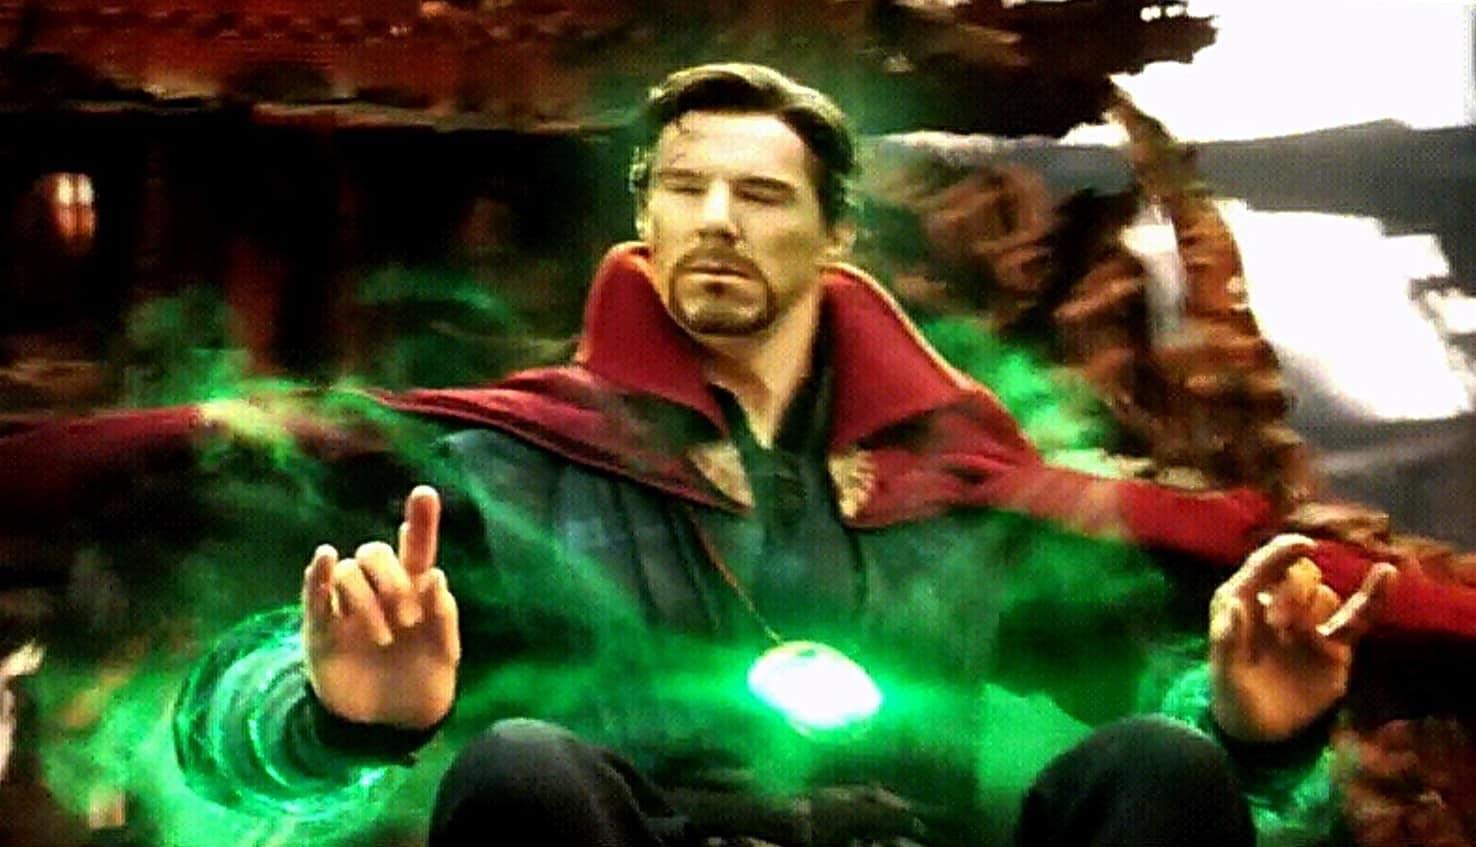 avengers: infinity war' scene may reveal 'avengers 4' trailer